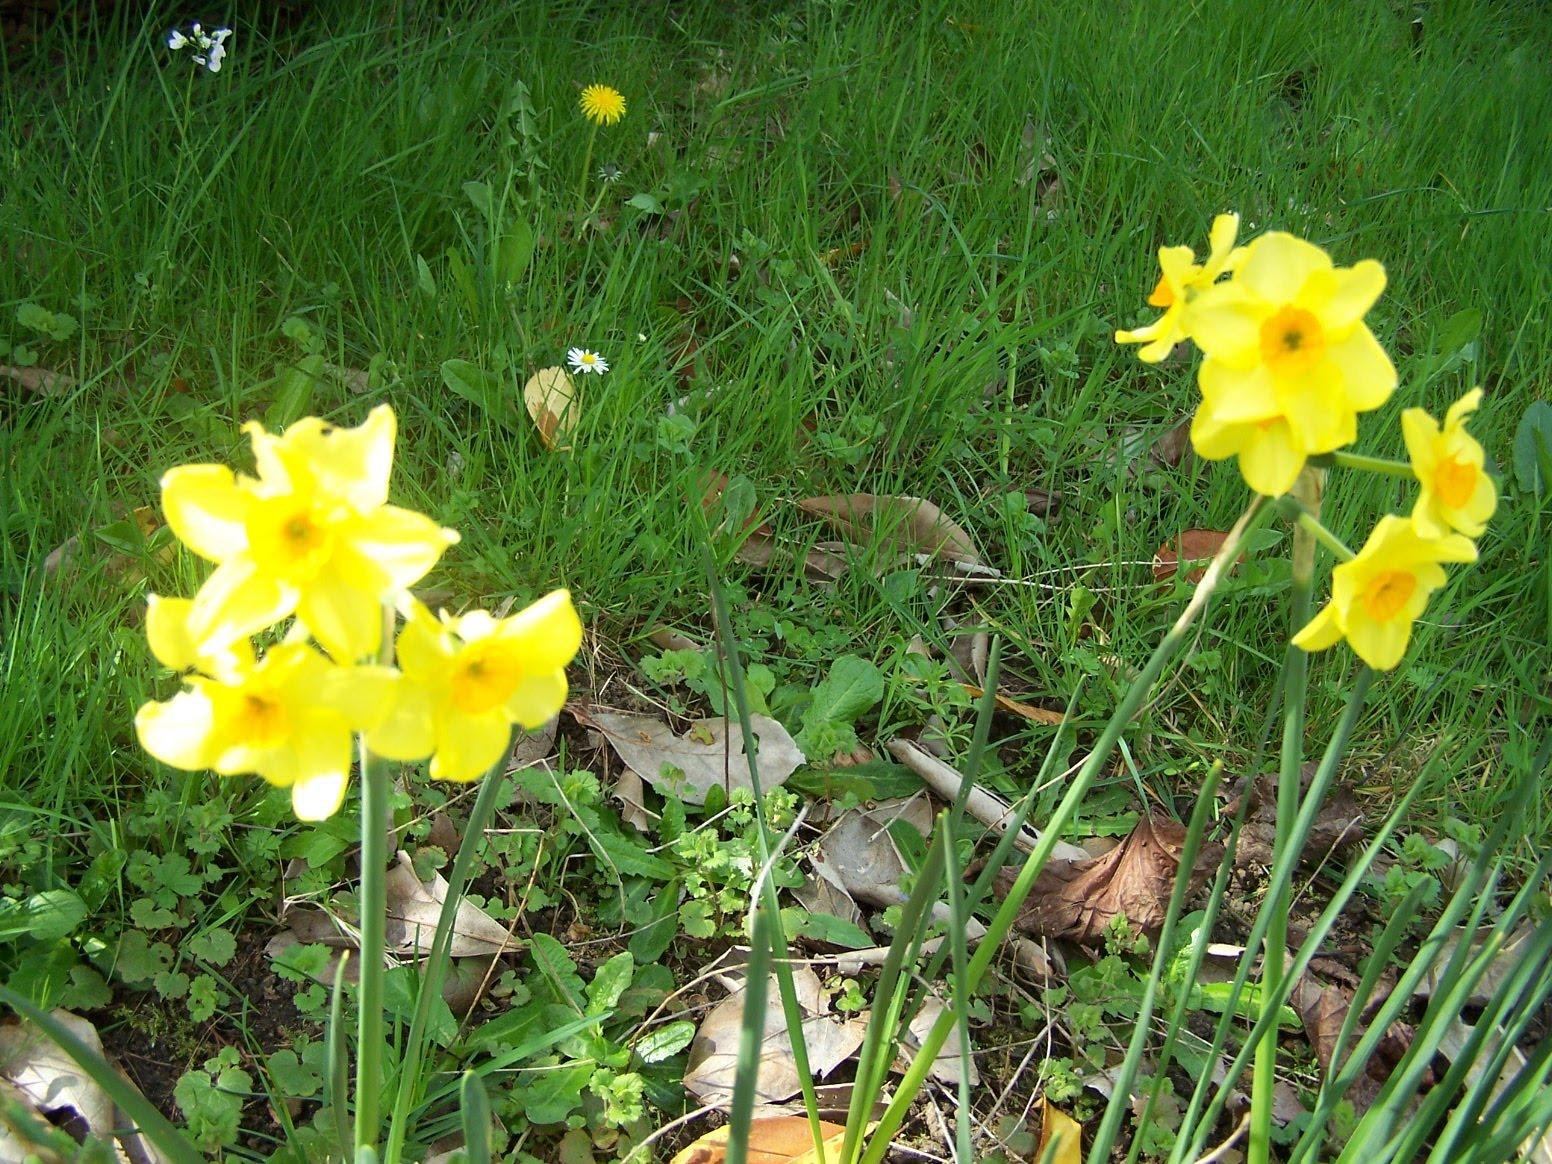 Bienvenue dans mon jardin a fill sur sarthe les for Fleurs jardin printemps